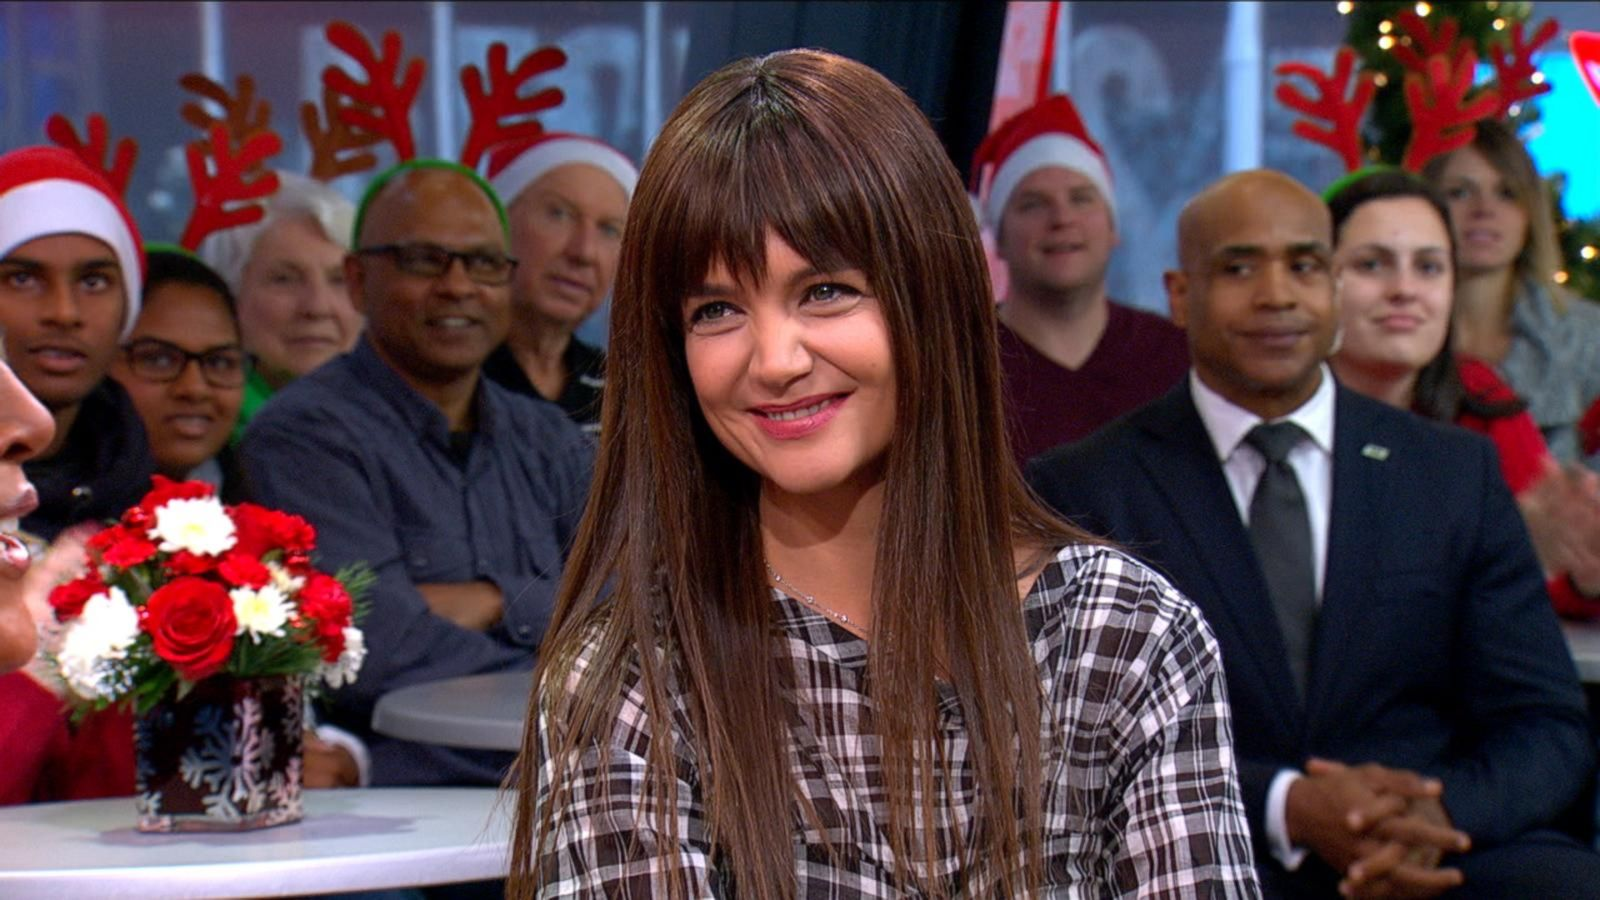 VIDEO: Katie Holmes Talks Her Directorial Debut